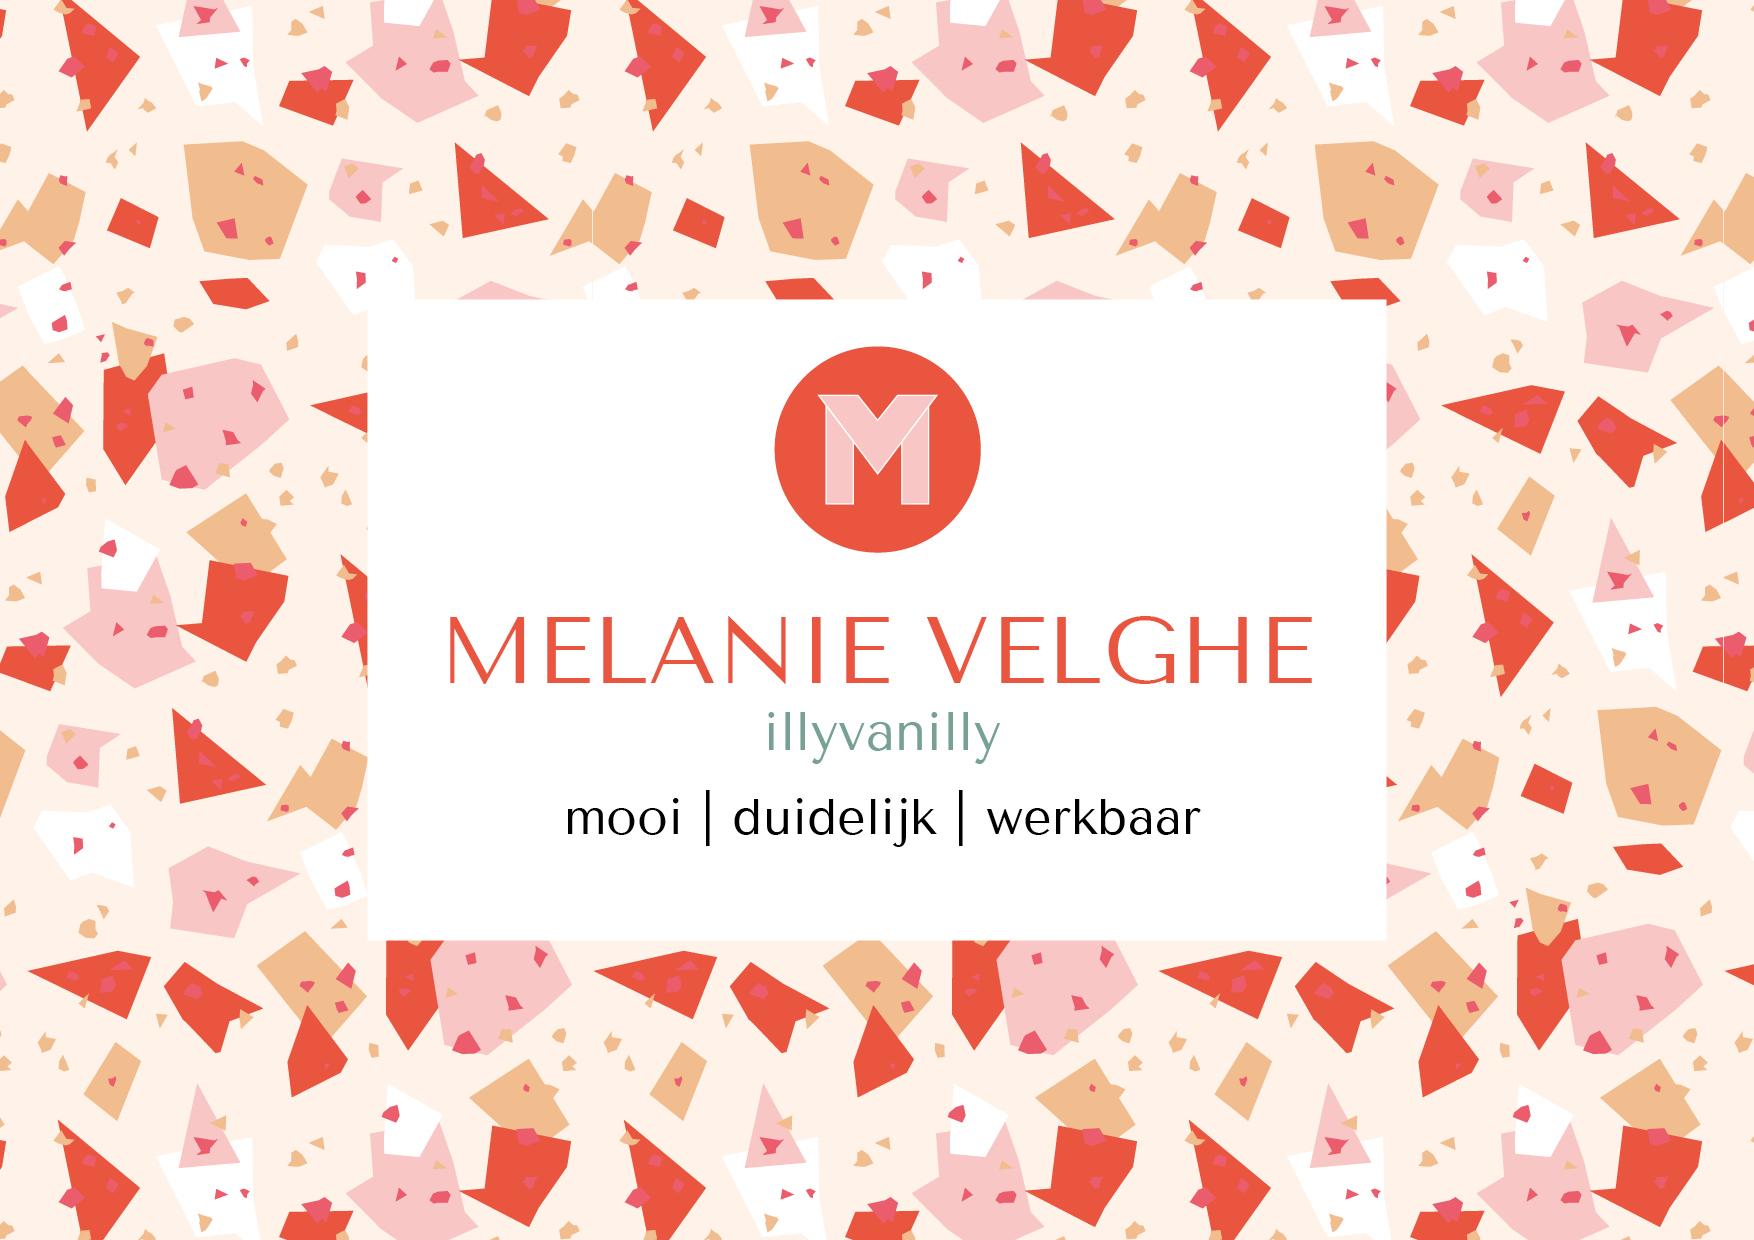 Portfolio Melanie Velghe